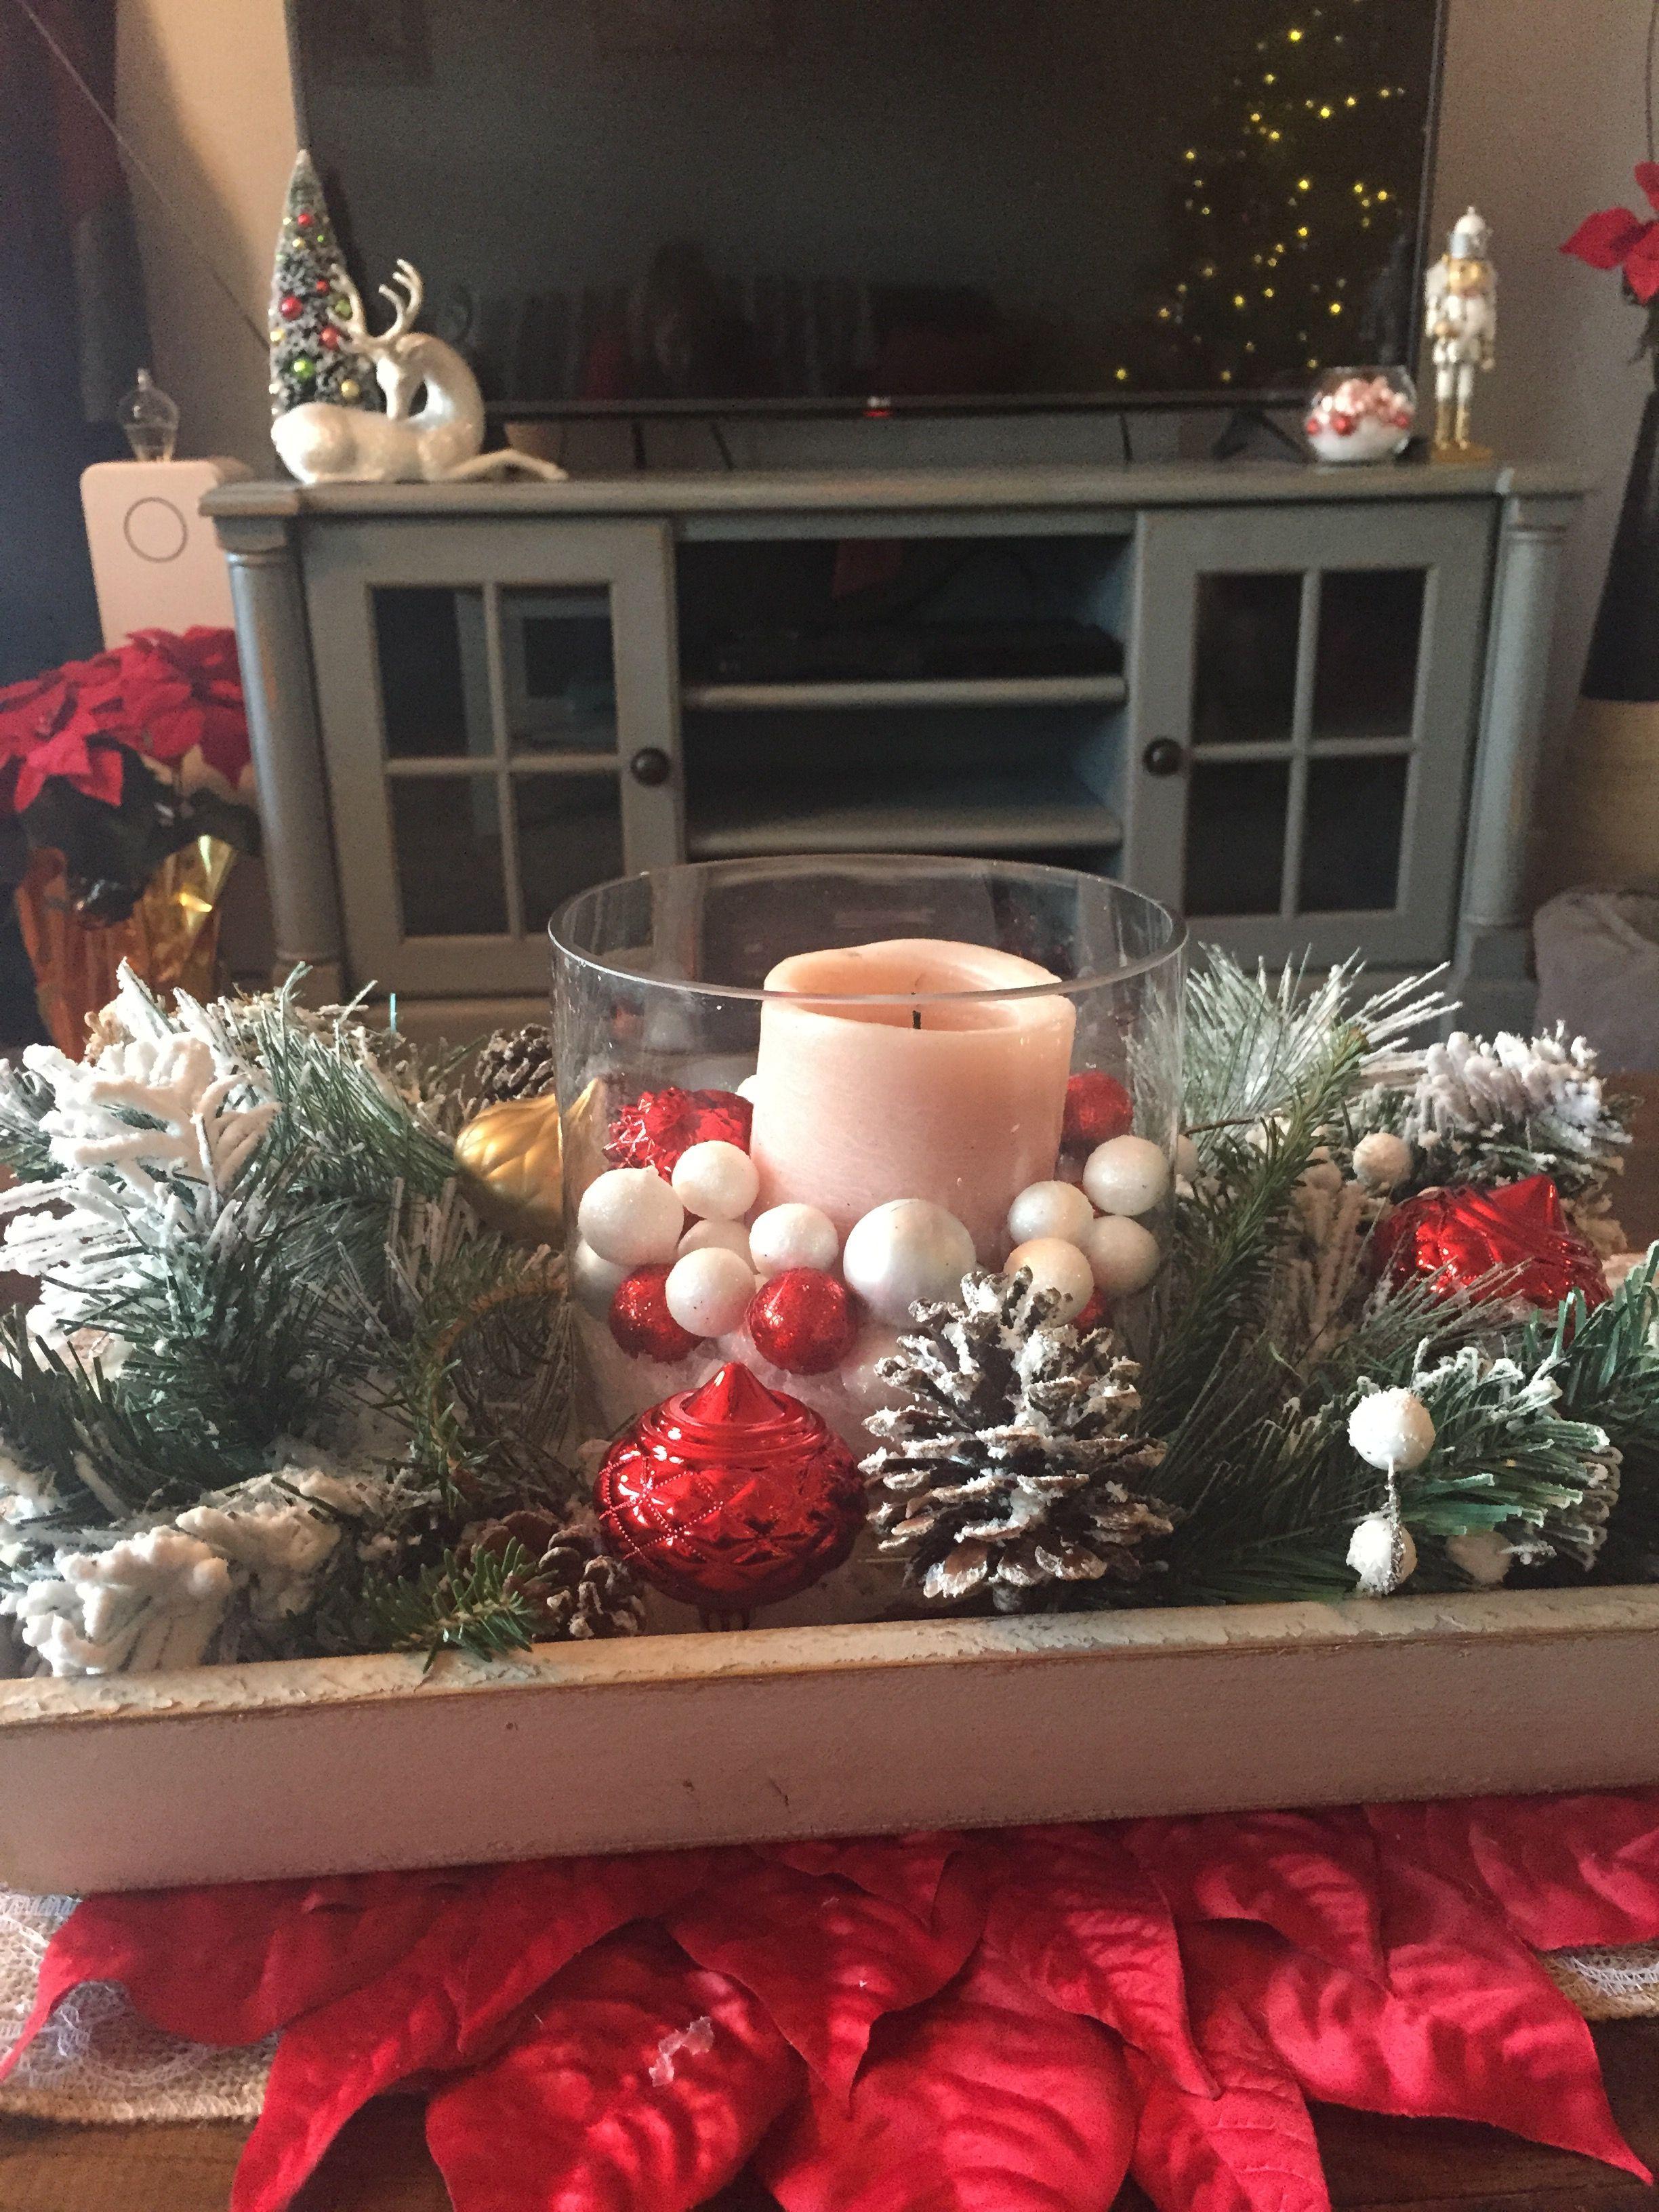 Christmas coffee table decor (With images) | Christmas ...